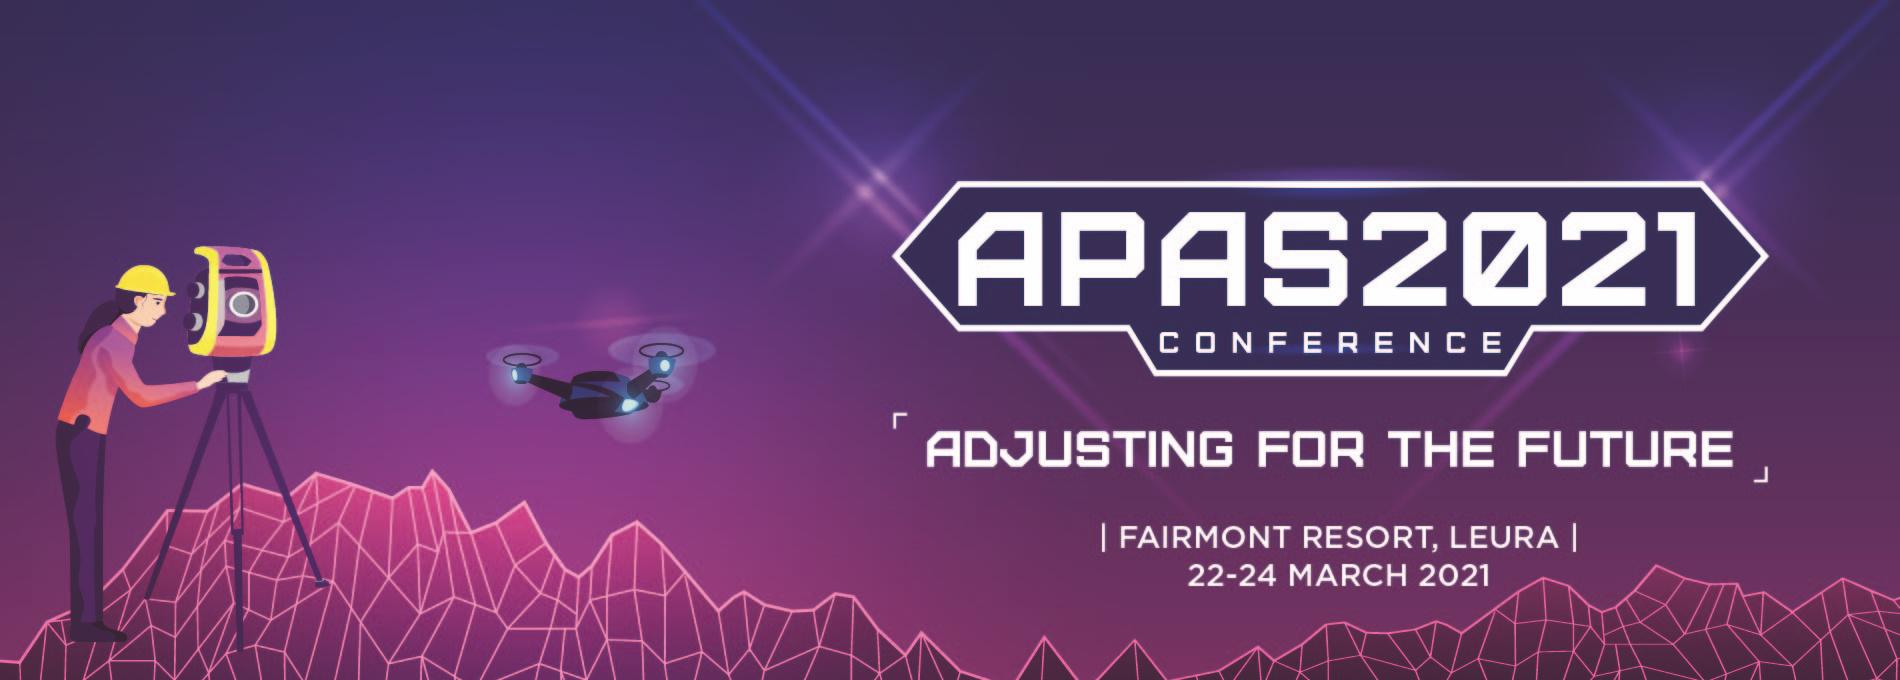 APAS2021